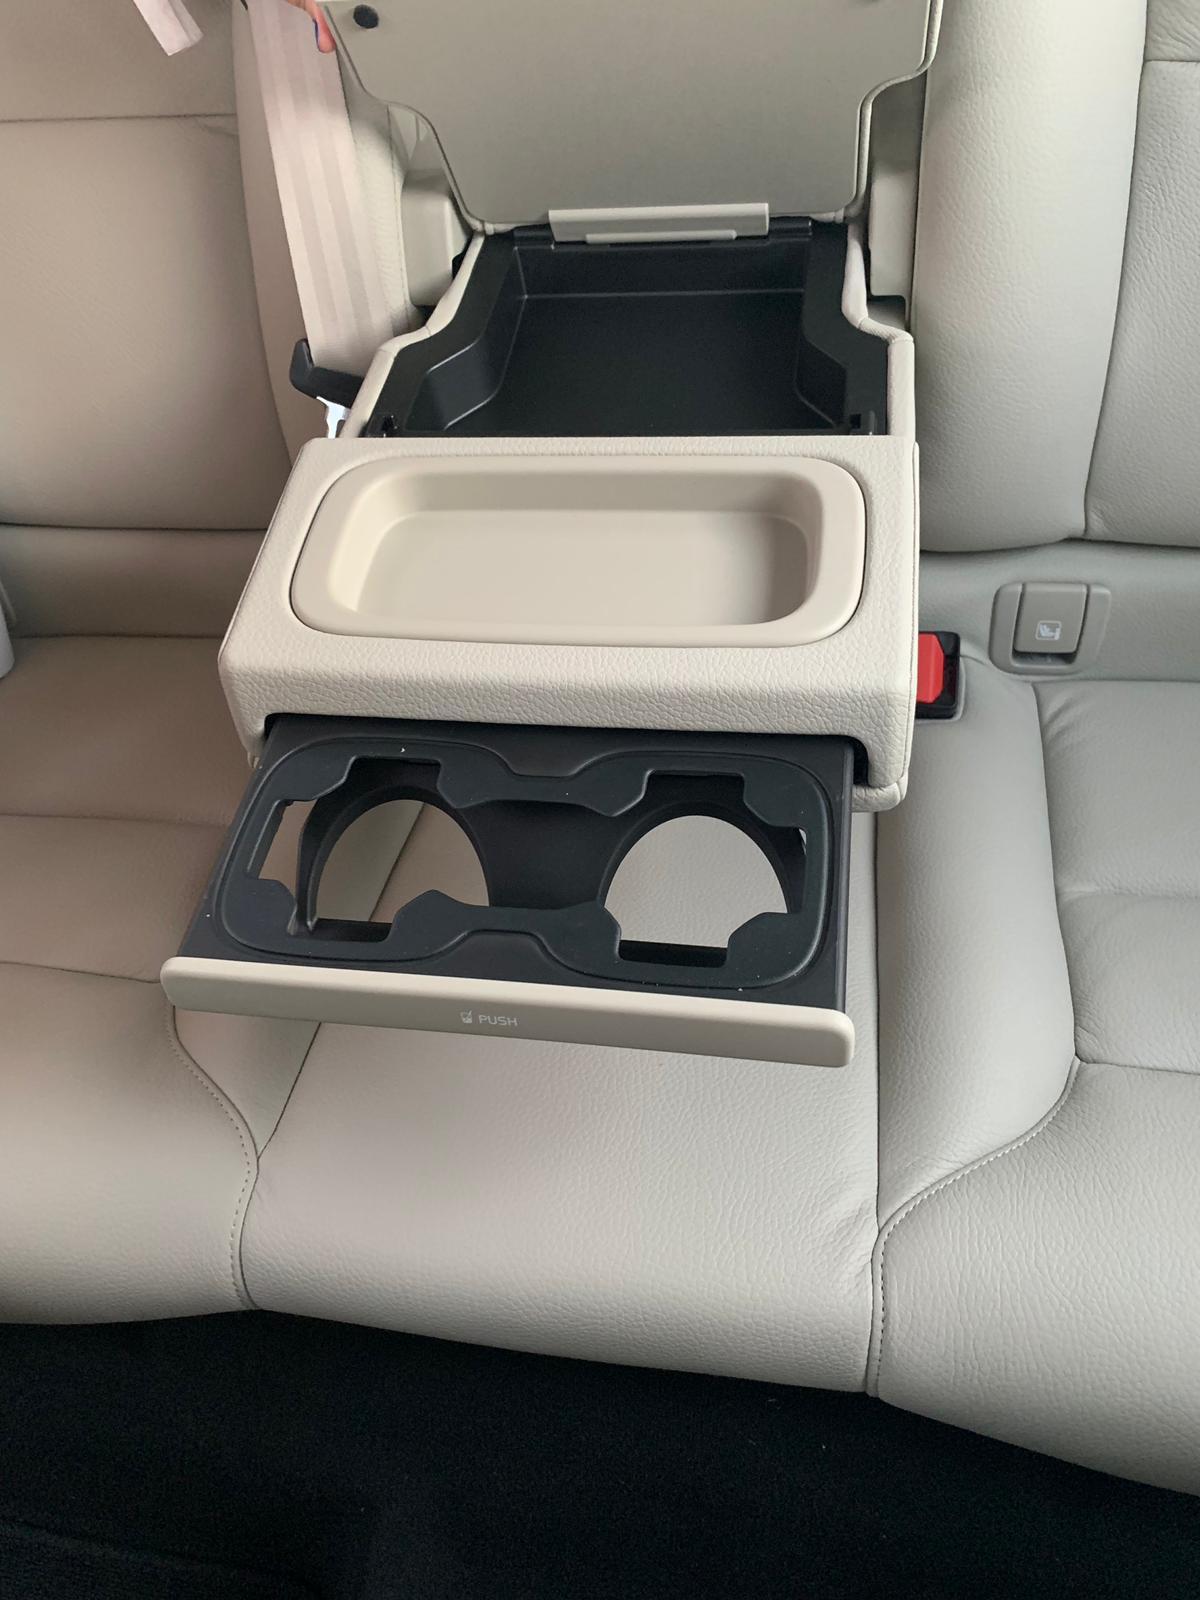 XC60 2.0 INSCRIPTION D4 AWD 2018 SEP19 (26)